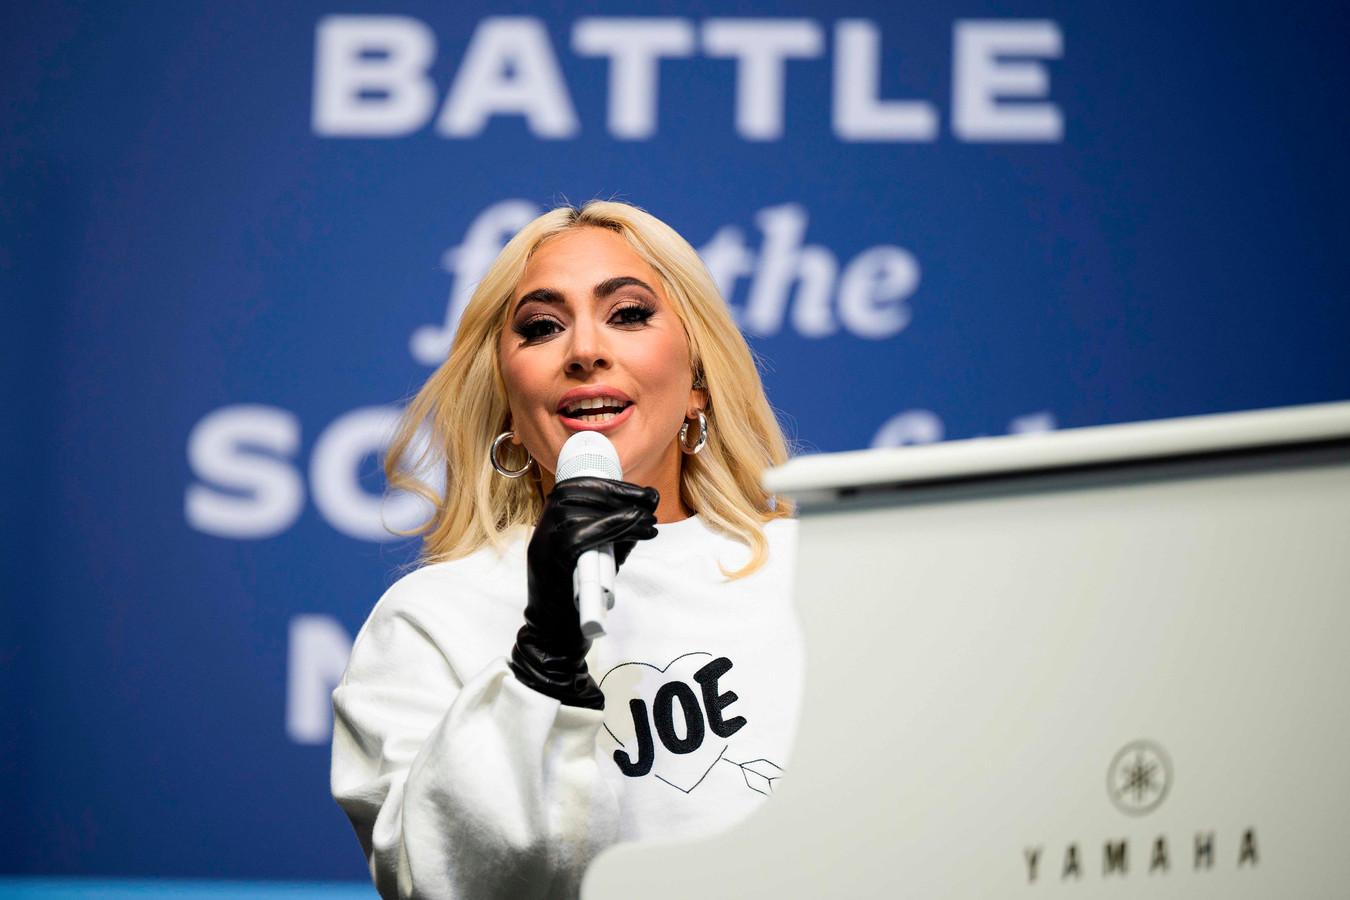 Lady Gaga avait déjà chanté lors d'un rassemblement en Pennsylvanie, le 2 novembre 2020, dans le cadre de la campagne de Joe Biden.